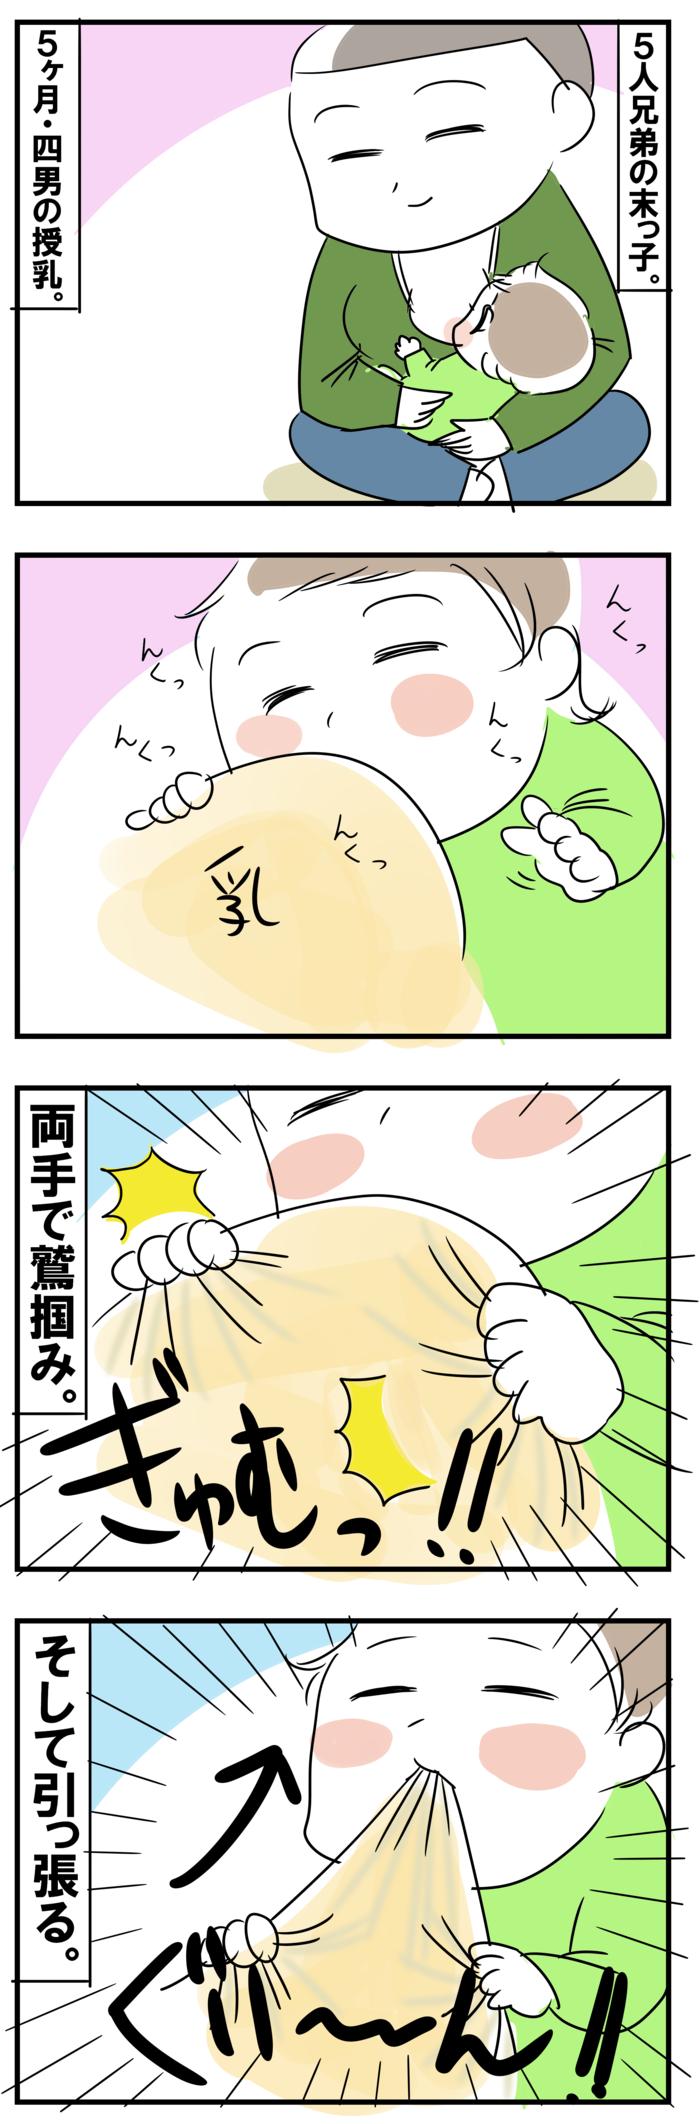 おっぱいに対する扱いが雑…!(泣)四男のフリーダムな「授乳スタイル」の画像1